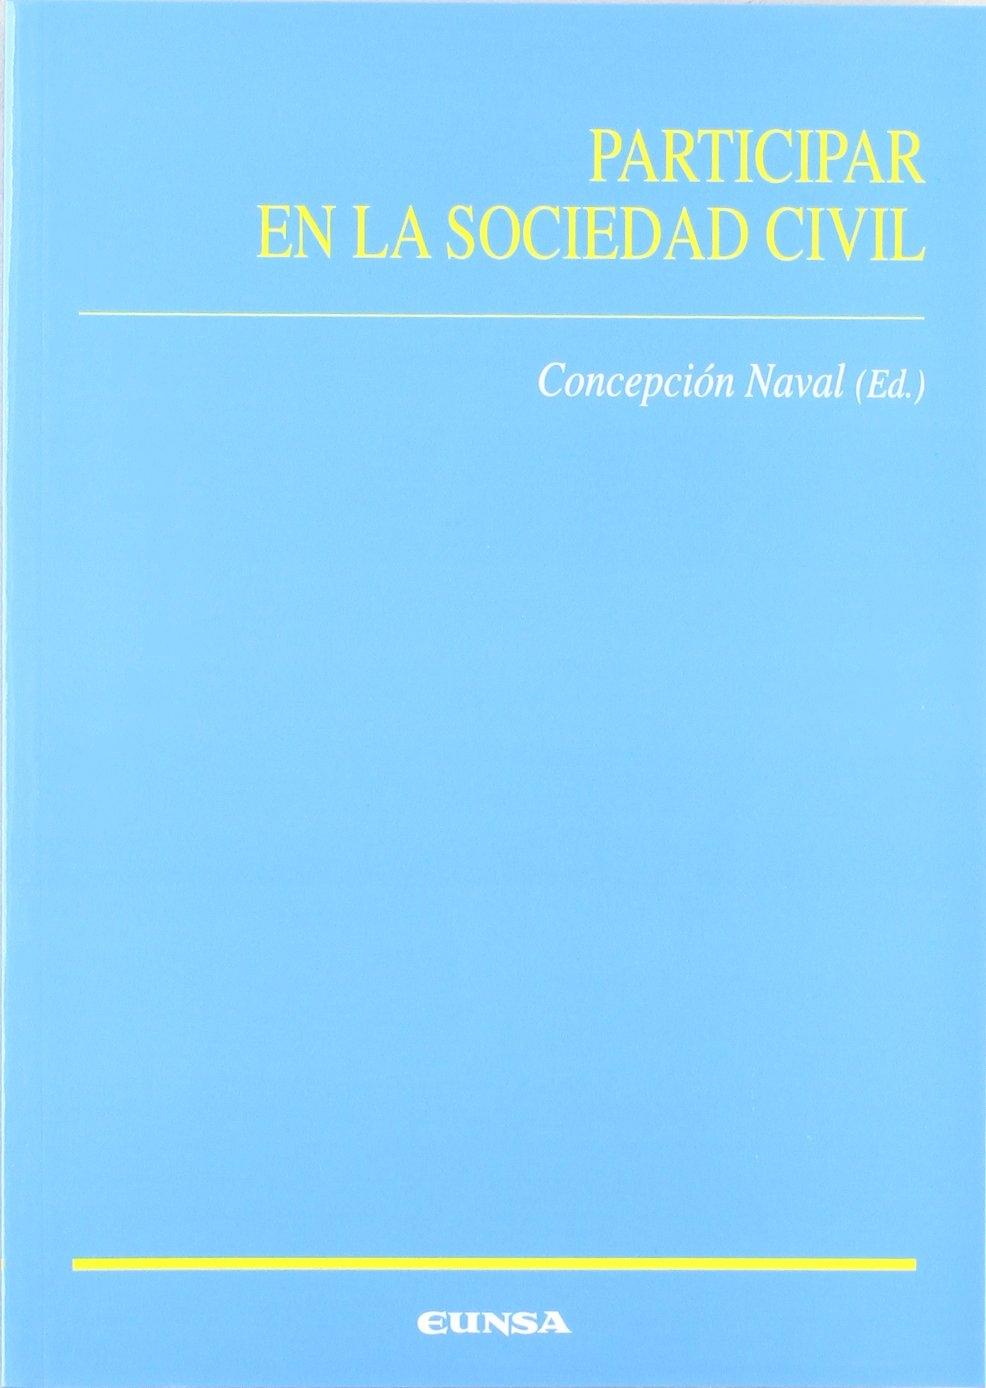 Participar en la sociedad civil